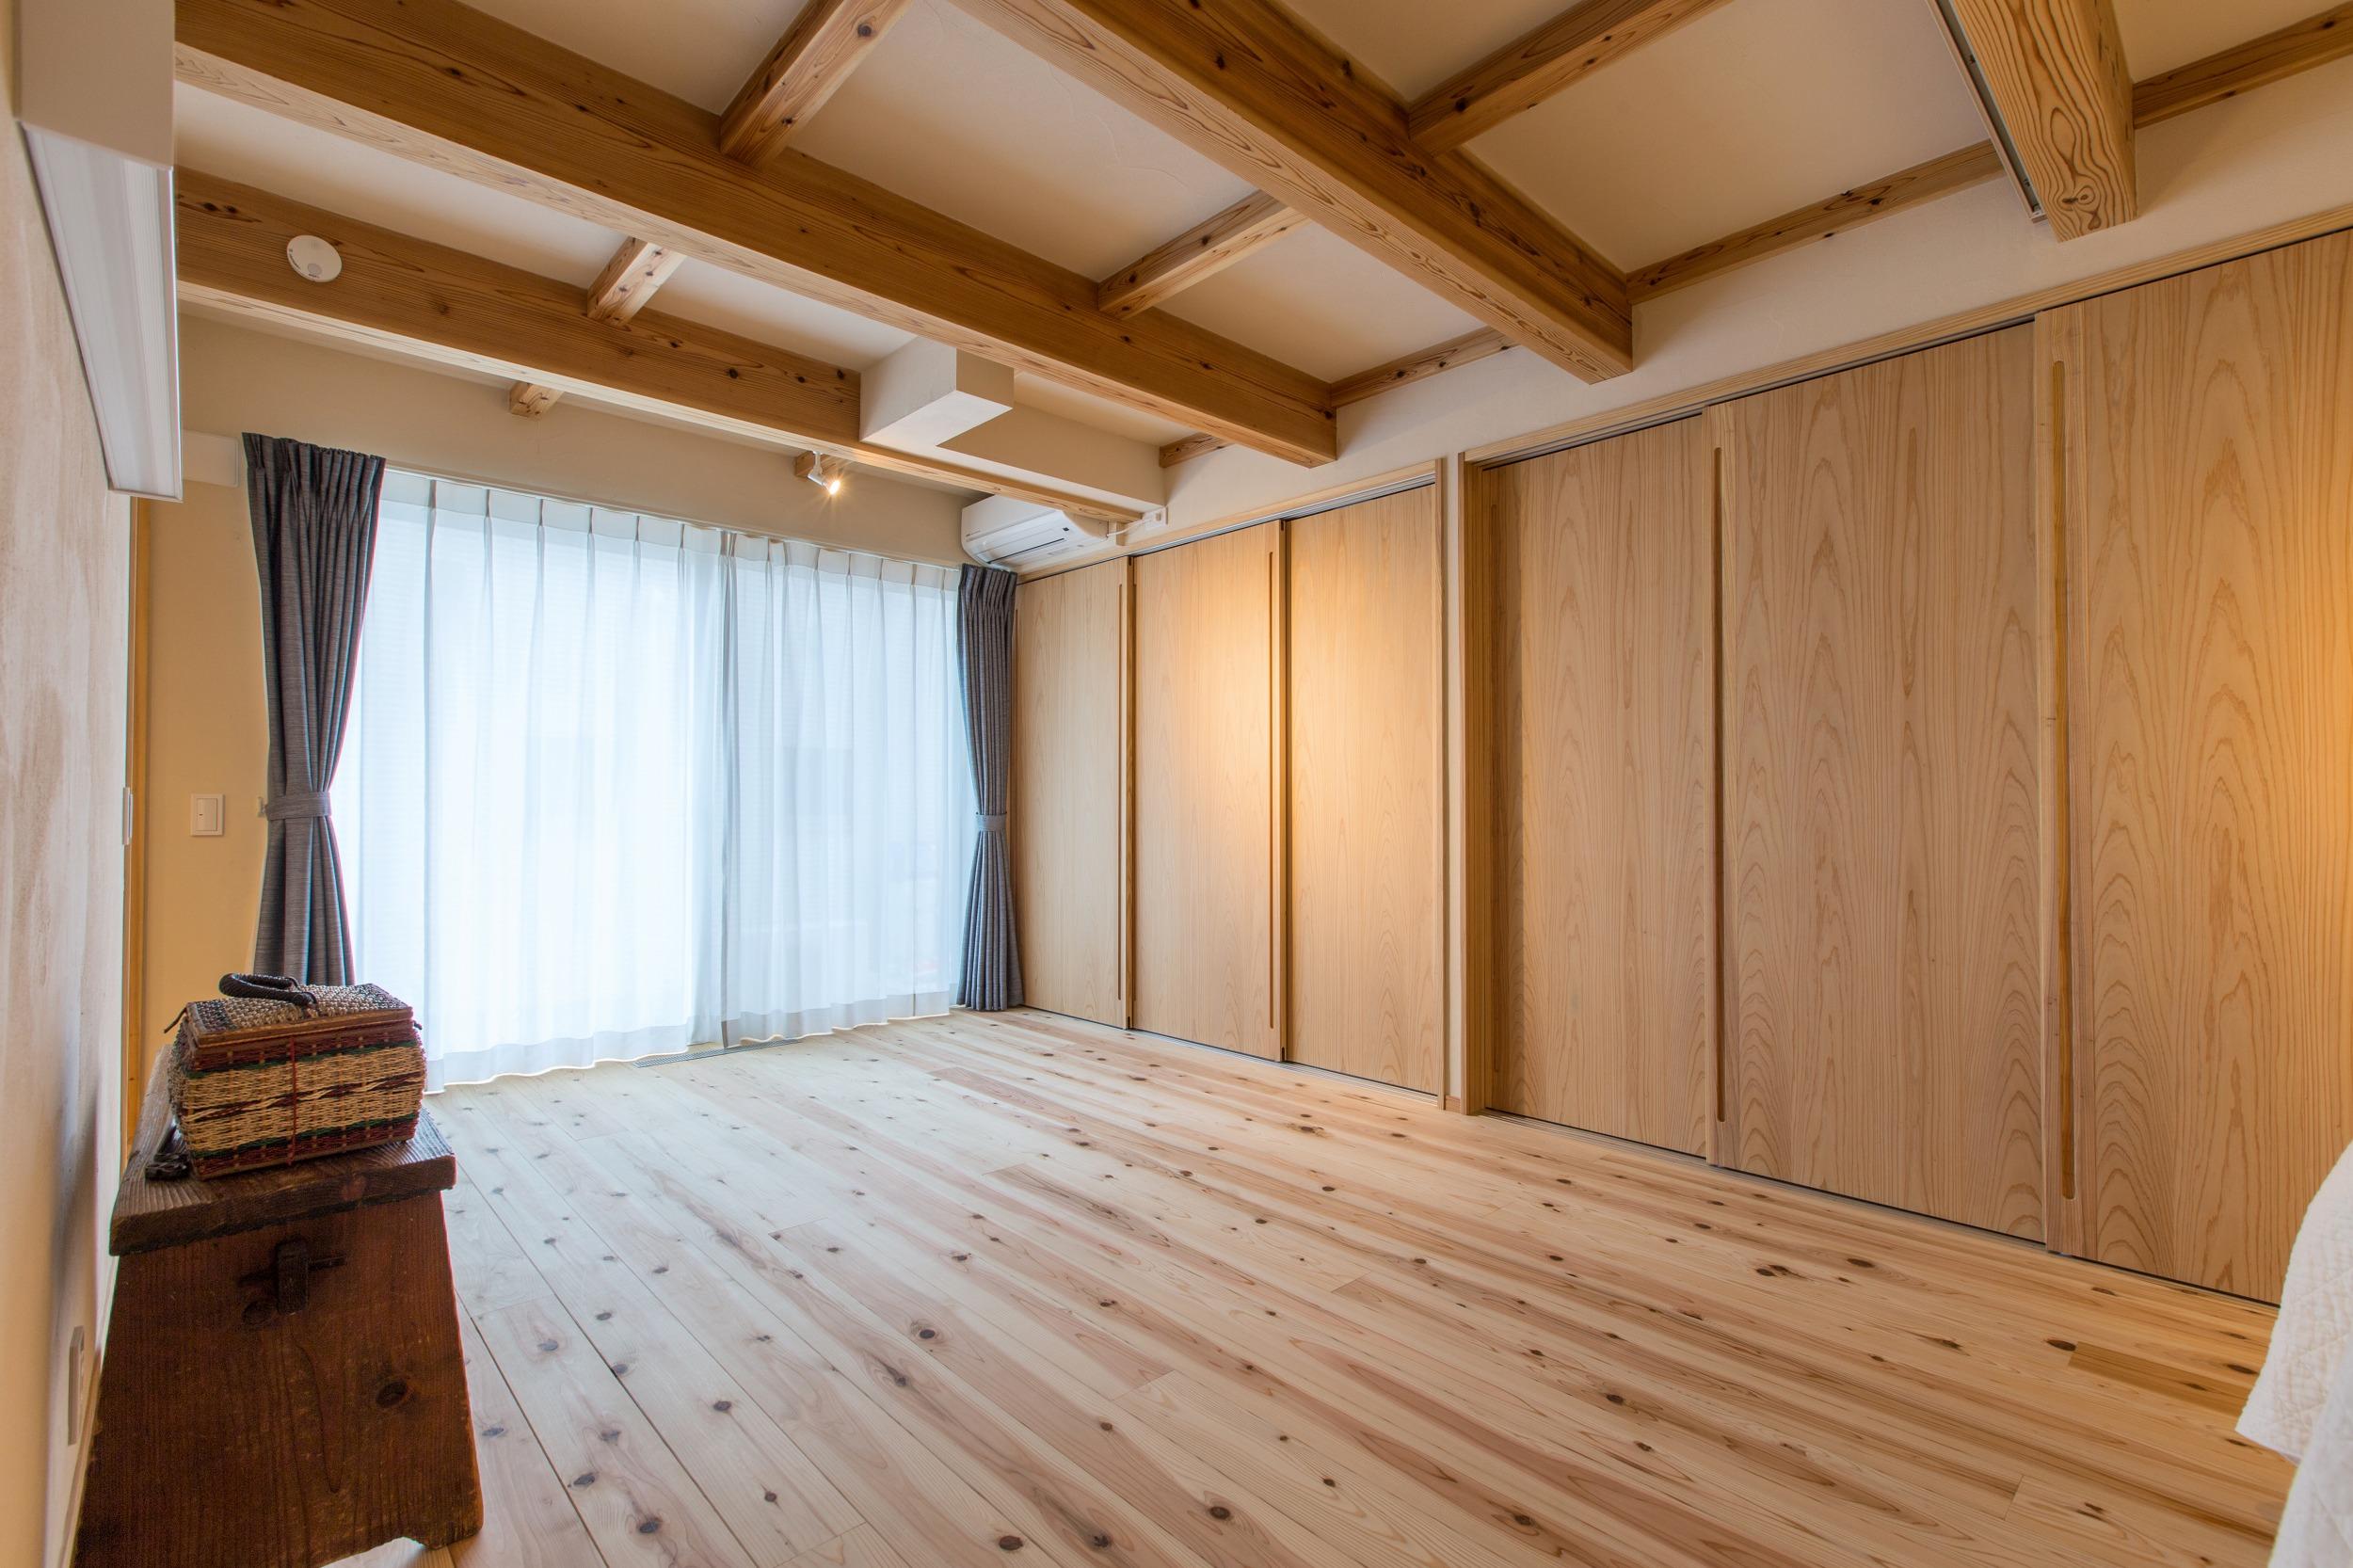 一階の寝室。採光は殆ど無いが、高い断熱性とパッシブソーラーシステムによって寒くない。